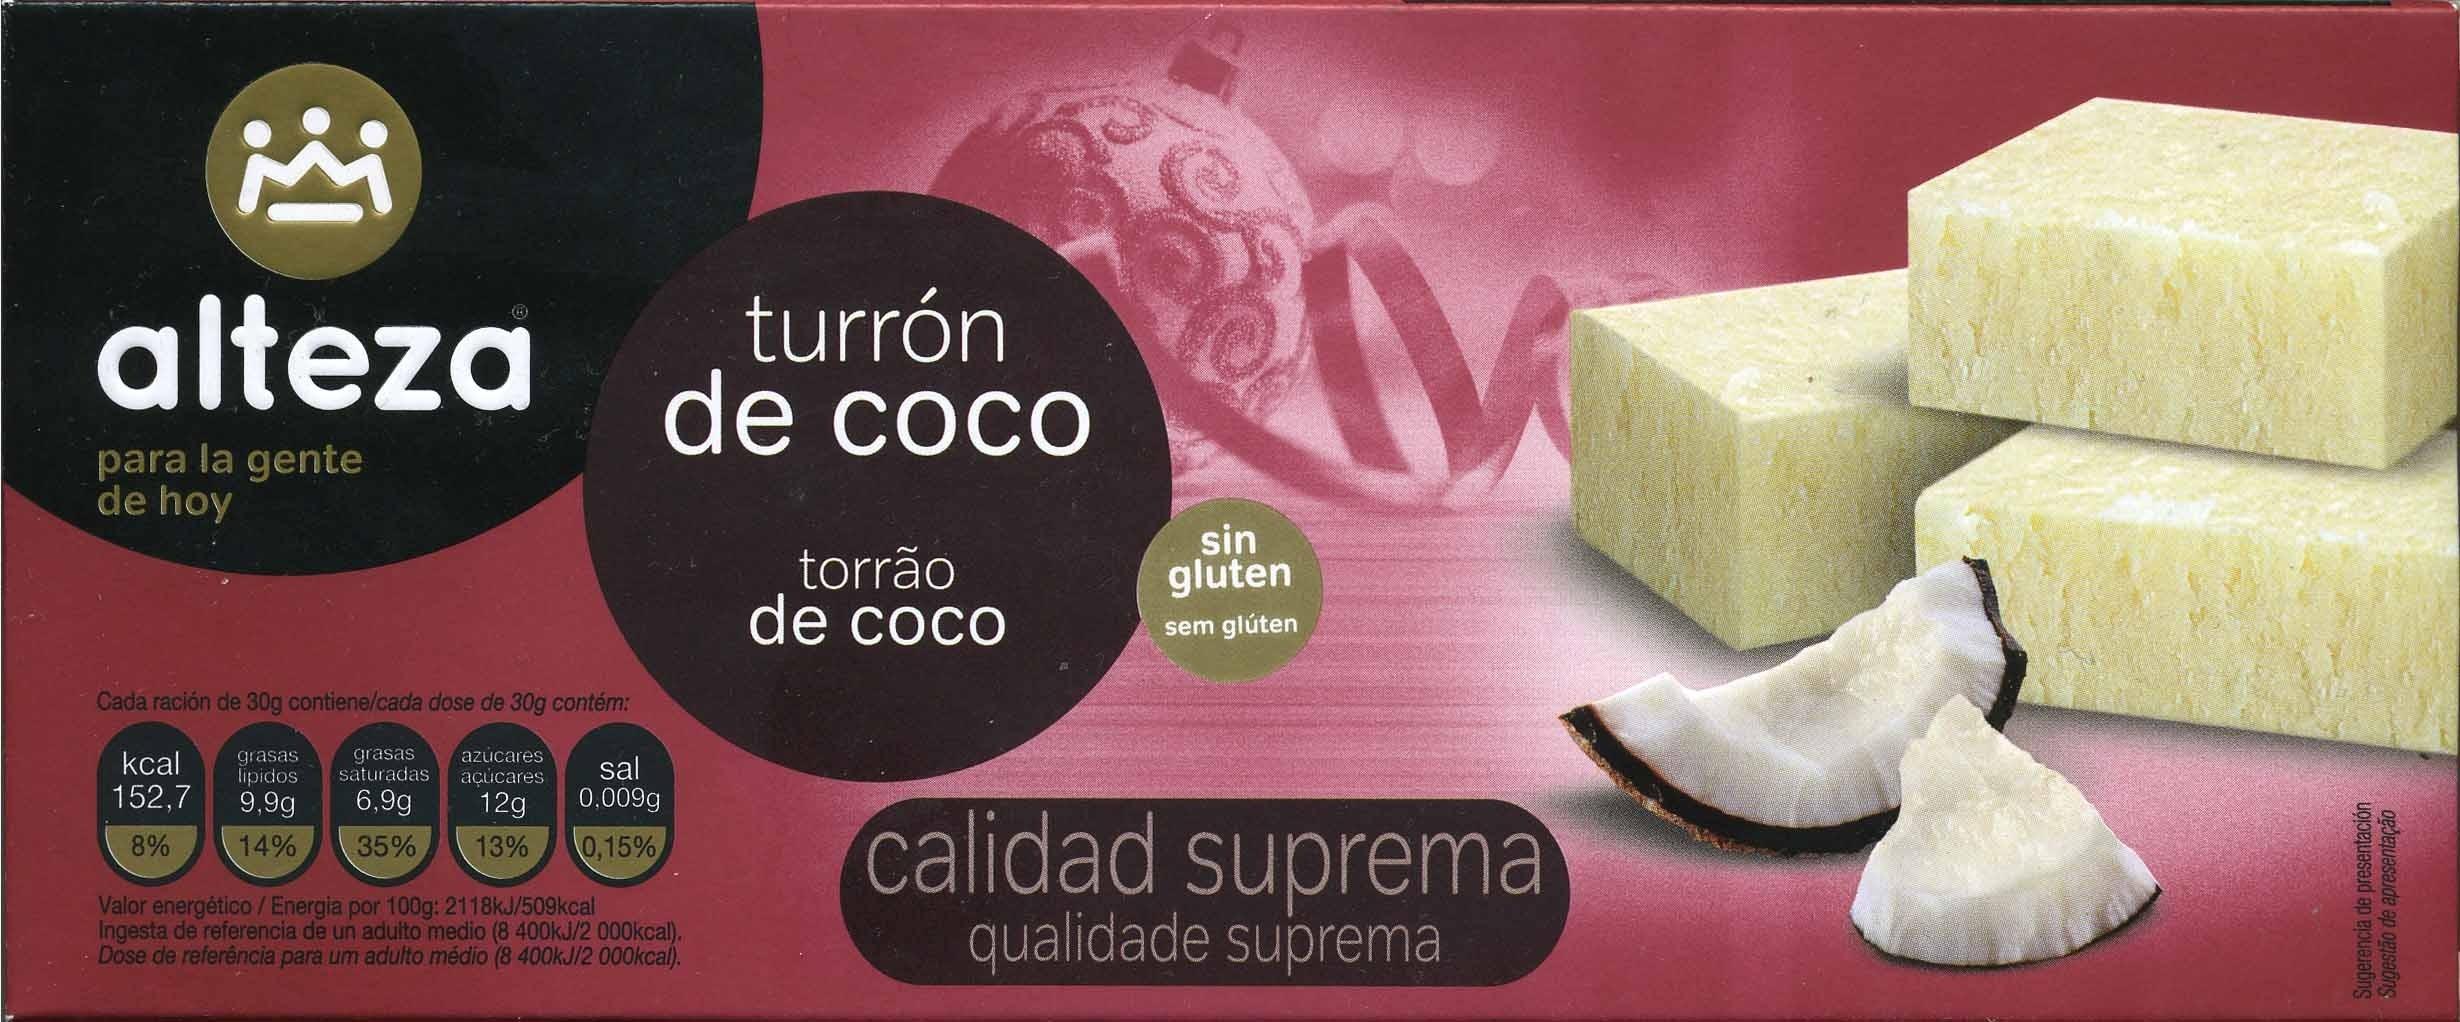 Turrón de coco - Produit - es